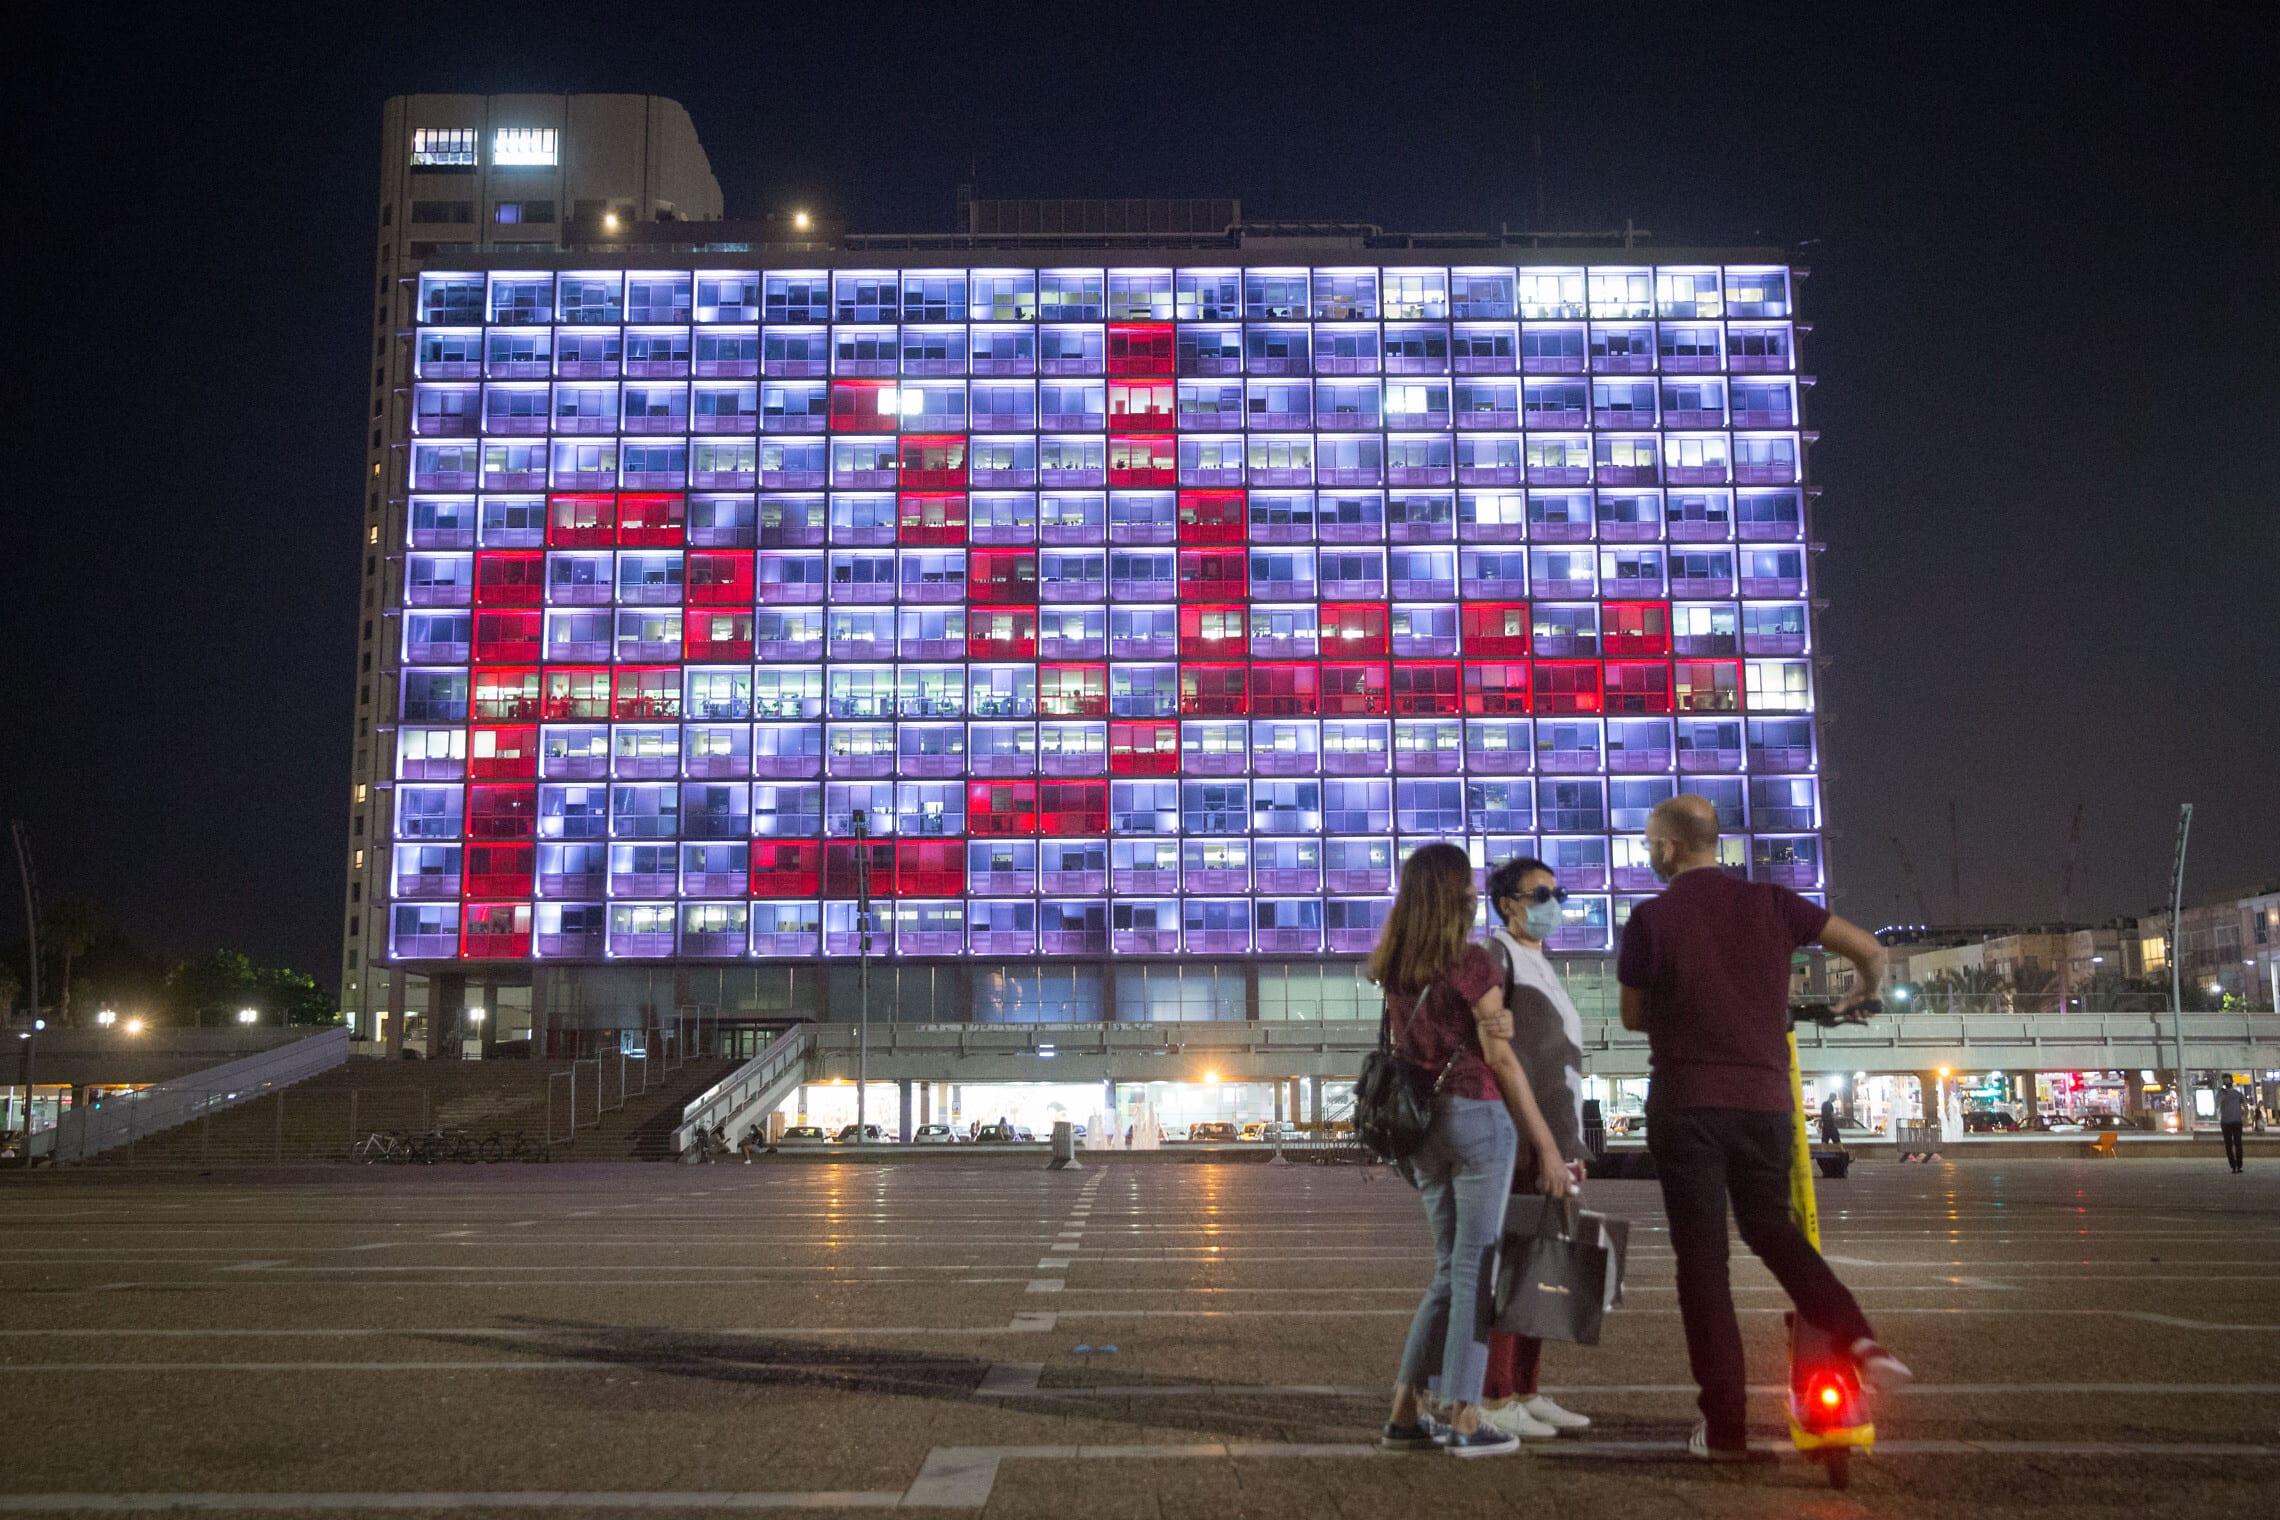 """המילה """"שלום"""" בערבית מוצגת על בניין עיריית תל אביב לאחר החתימה על הסכמי אברהם, 15 בספטמבר 2020"""